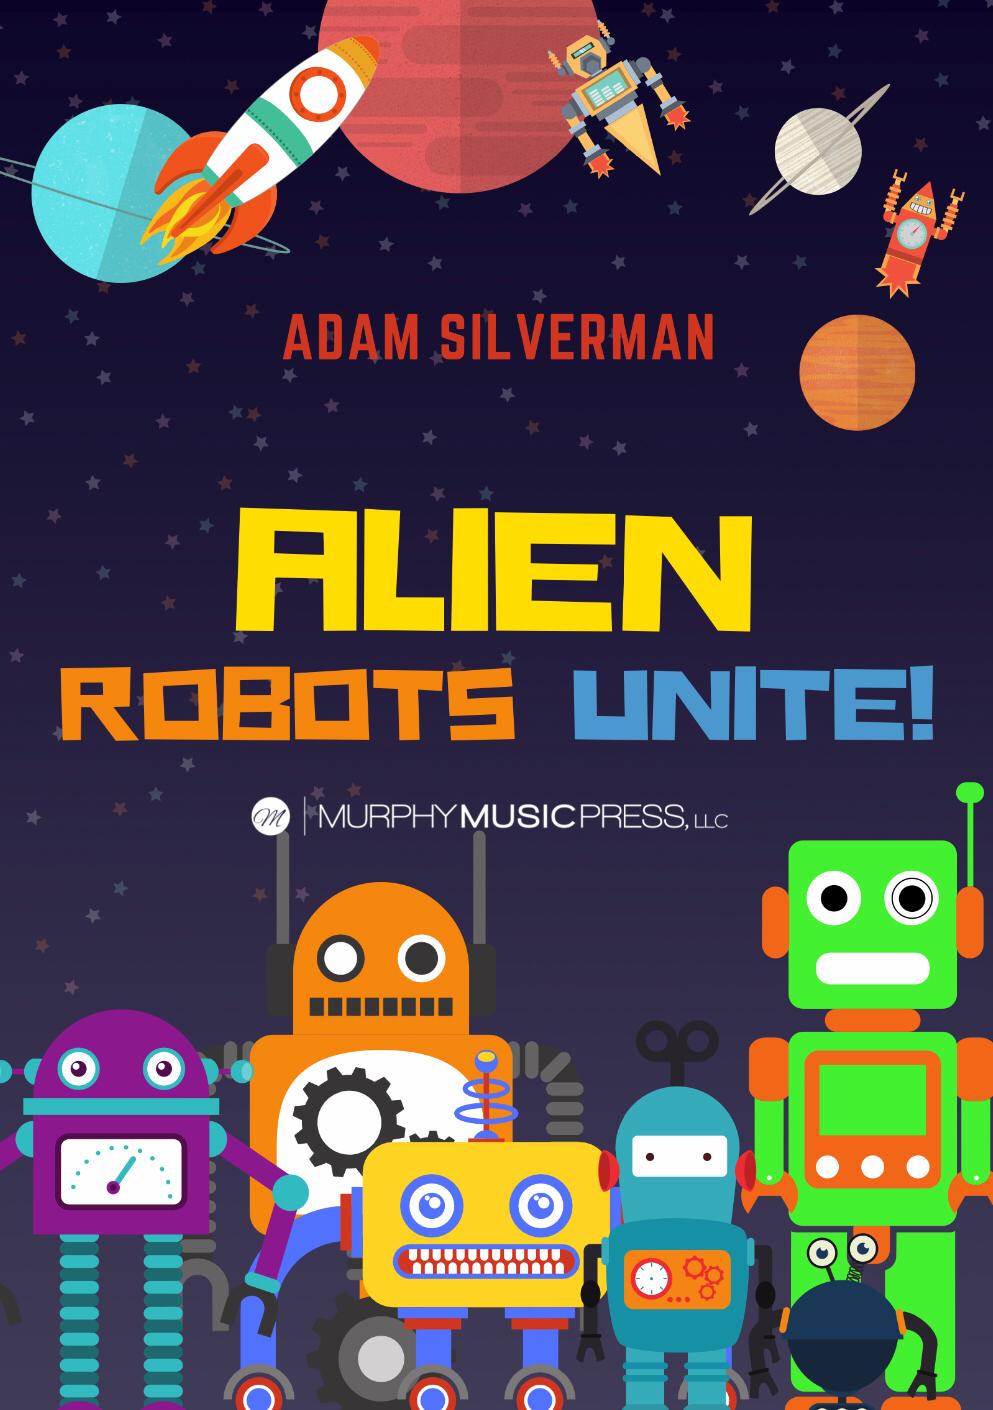 Alien Robots Unite! by Adam Silverman